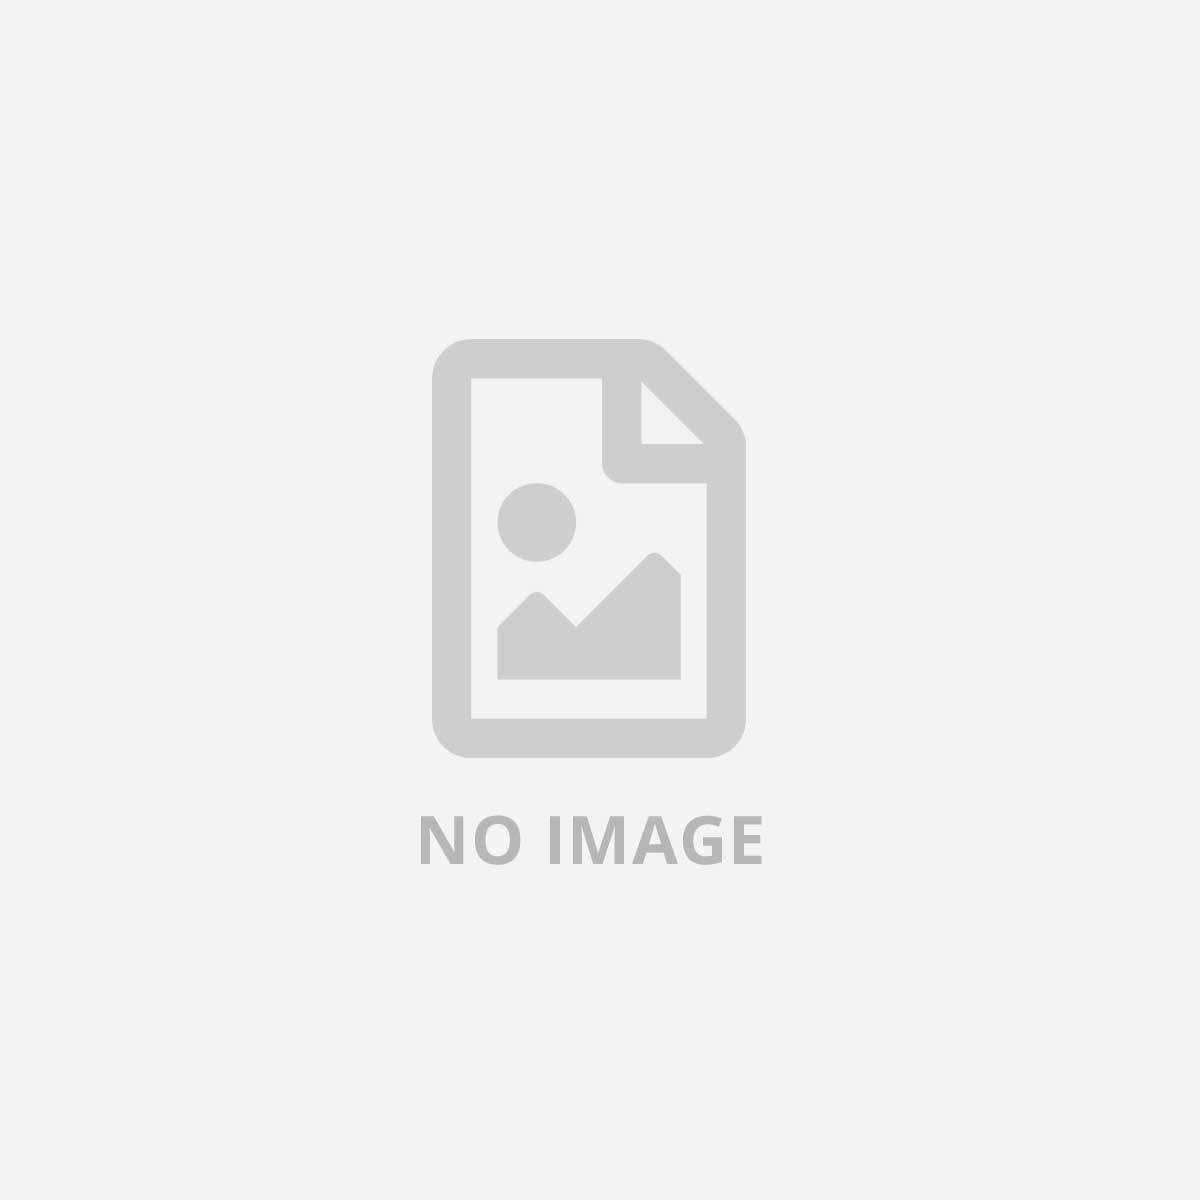 CANON FILTRO PROTETTIVO UV/SKY 77MM